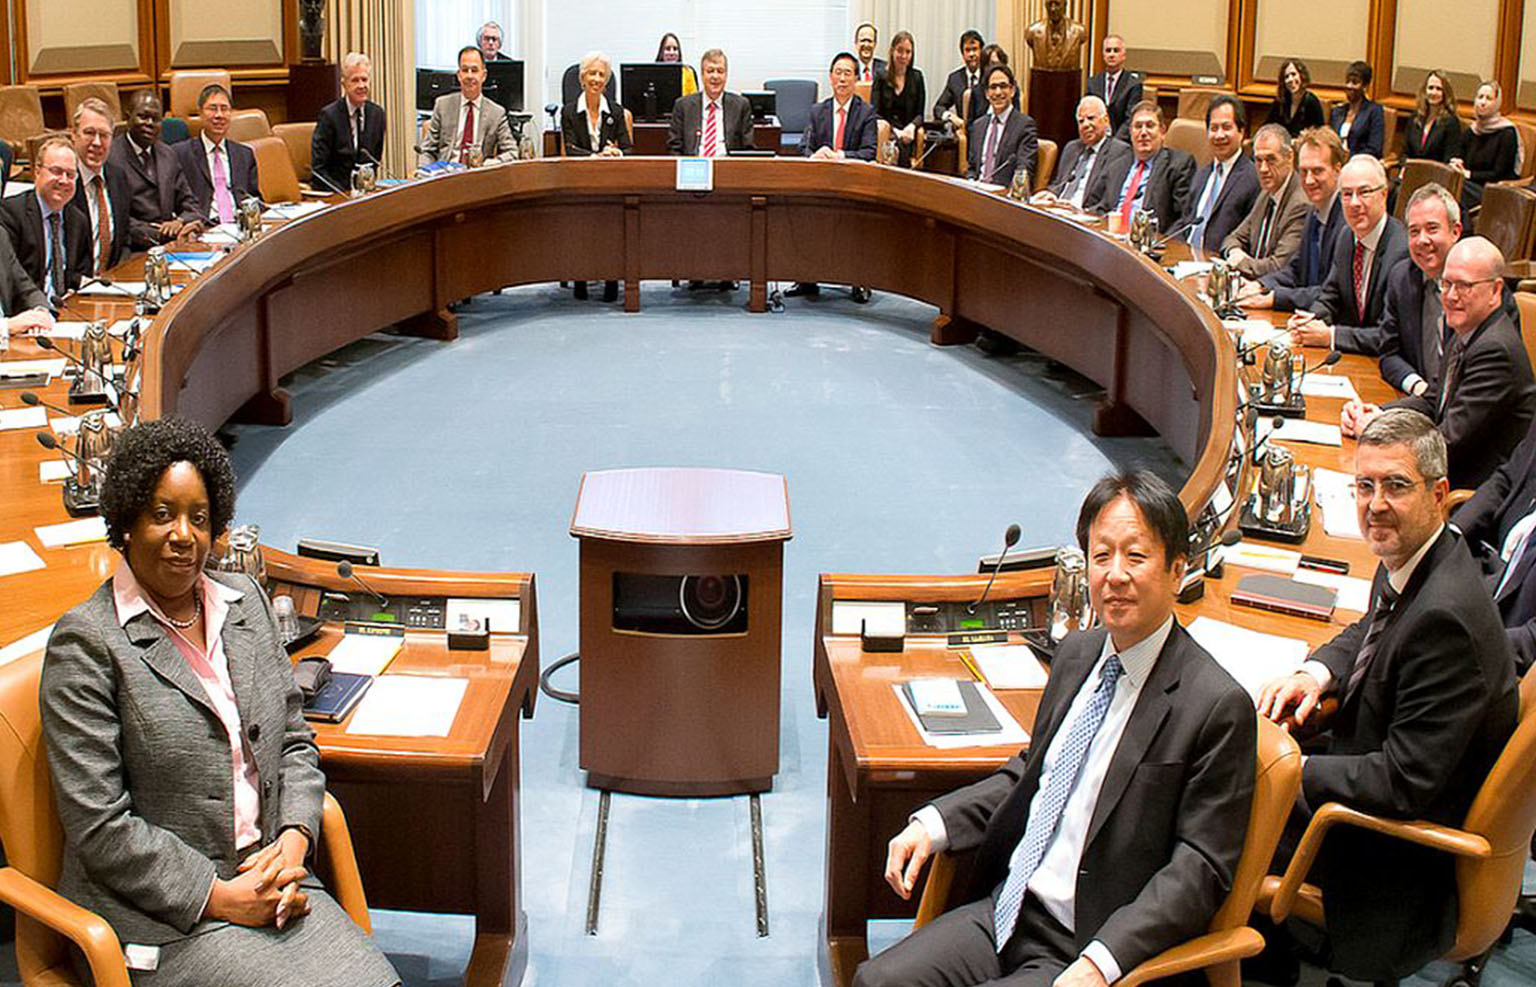 Le FMI accorde un appui de 368,4 millions USD à la RDC au titre de la Facilité de crédit rapide